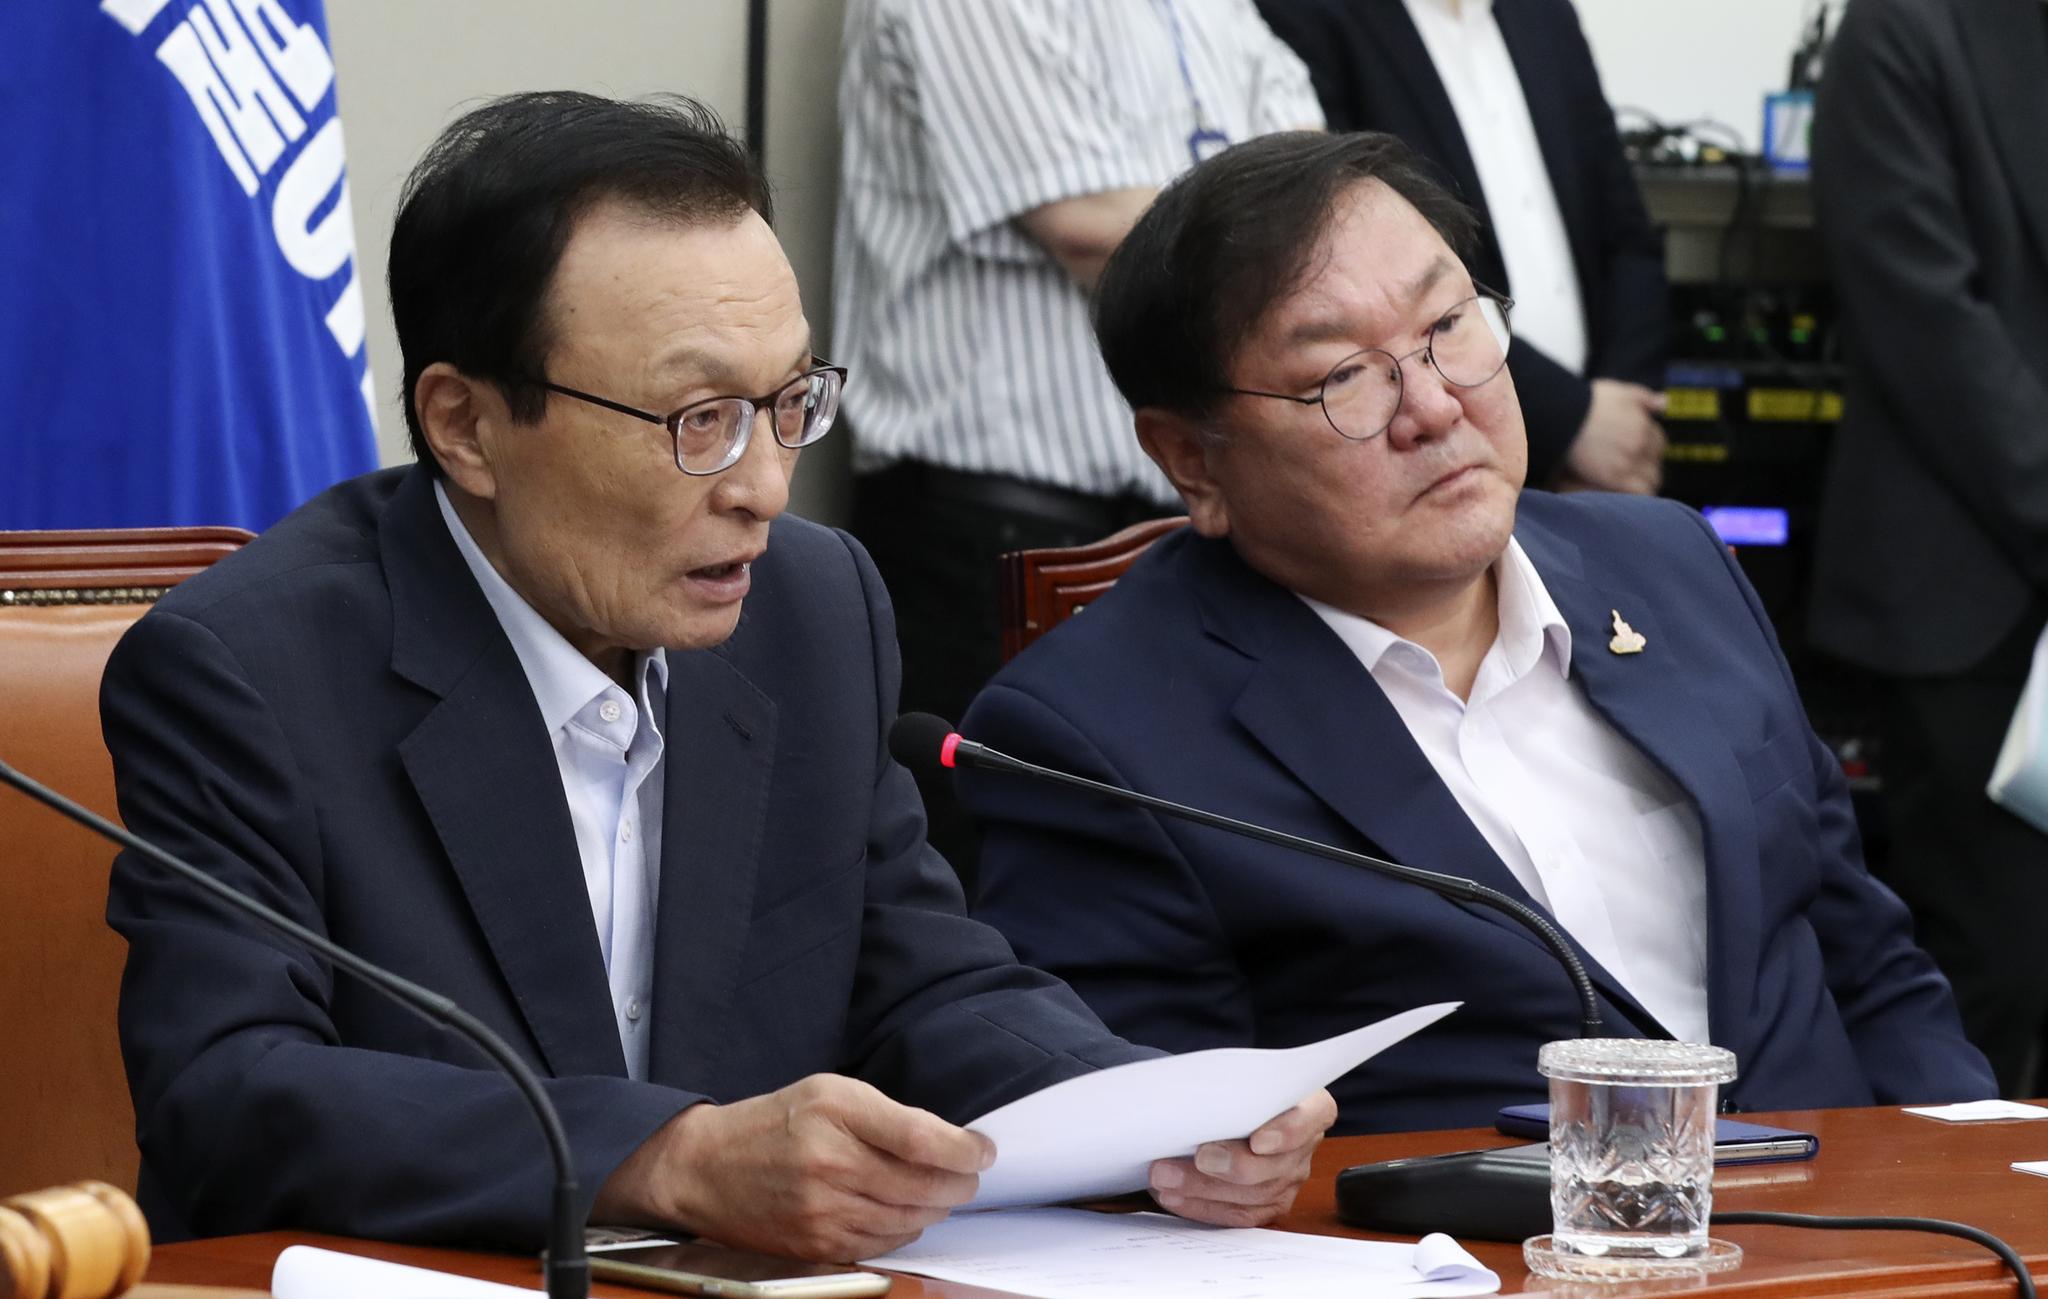 더불어민주당 이해찬 대표(왼쪽)가 16일 국회에서 열린 중앙위원회의에서 모두발언을 하고 있다. 중앙포토